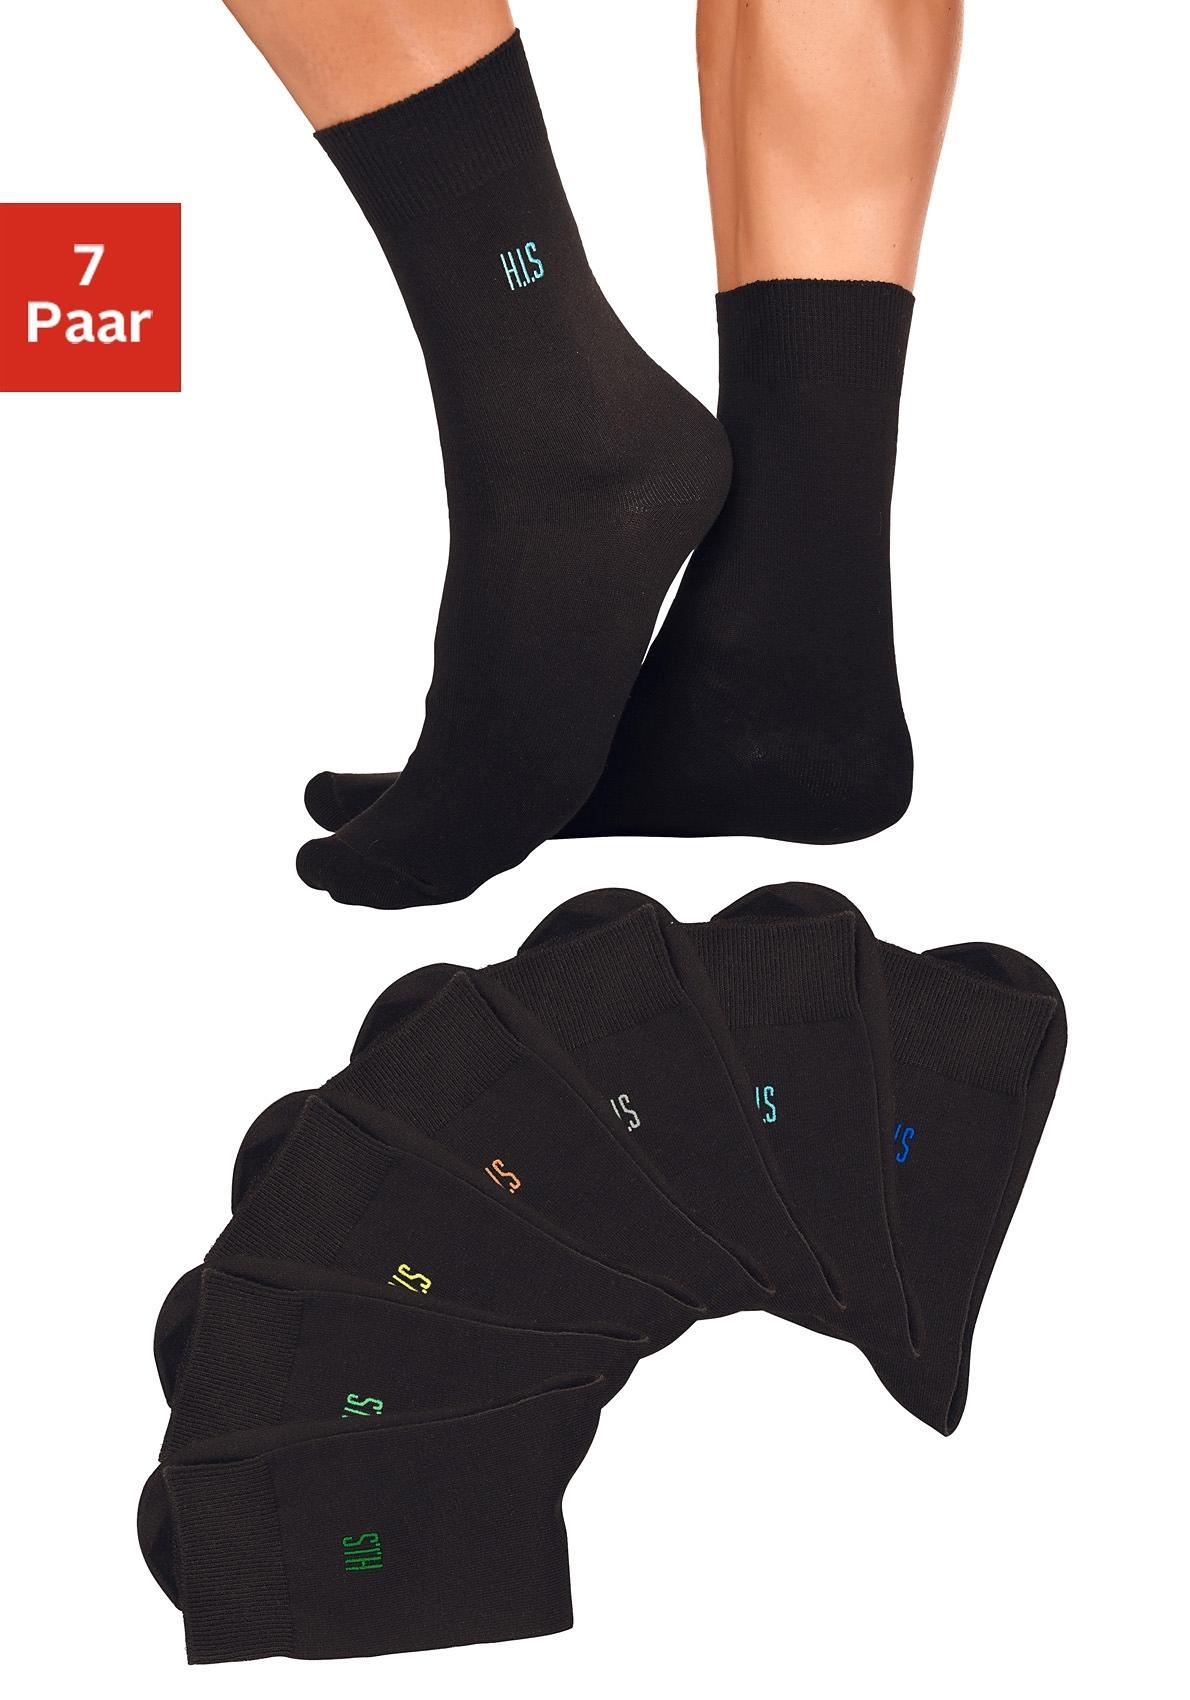 H.I.S basic sokken (set van 7 paar) met comfortboord - gratis ruilen op lascana.nl